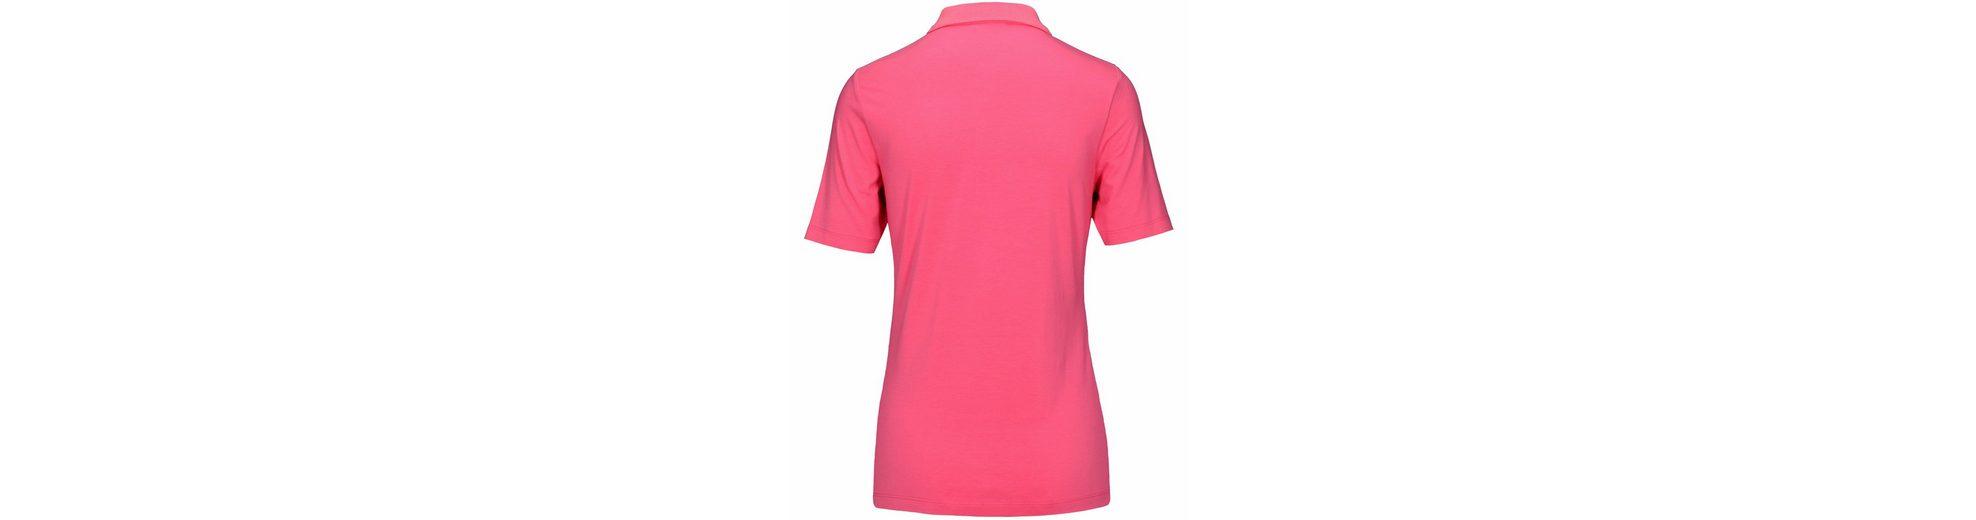 JETTE Poloshirt, mit Strasssteinchen